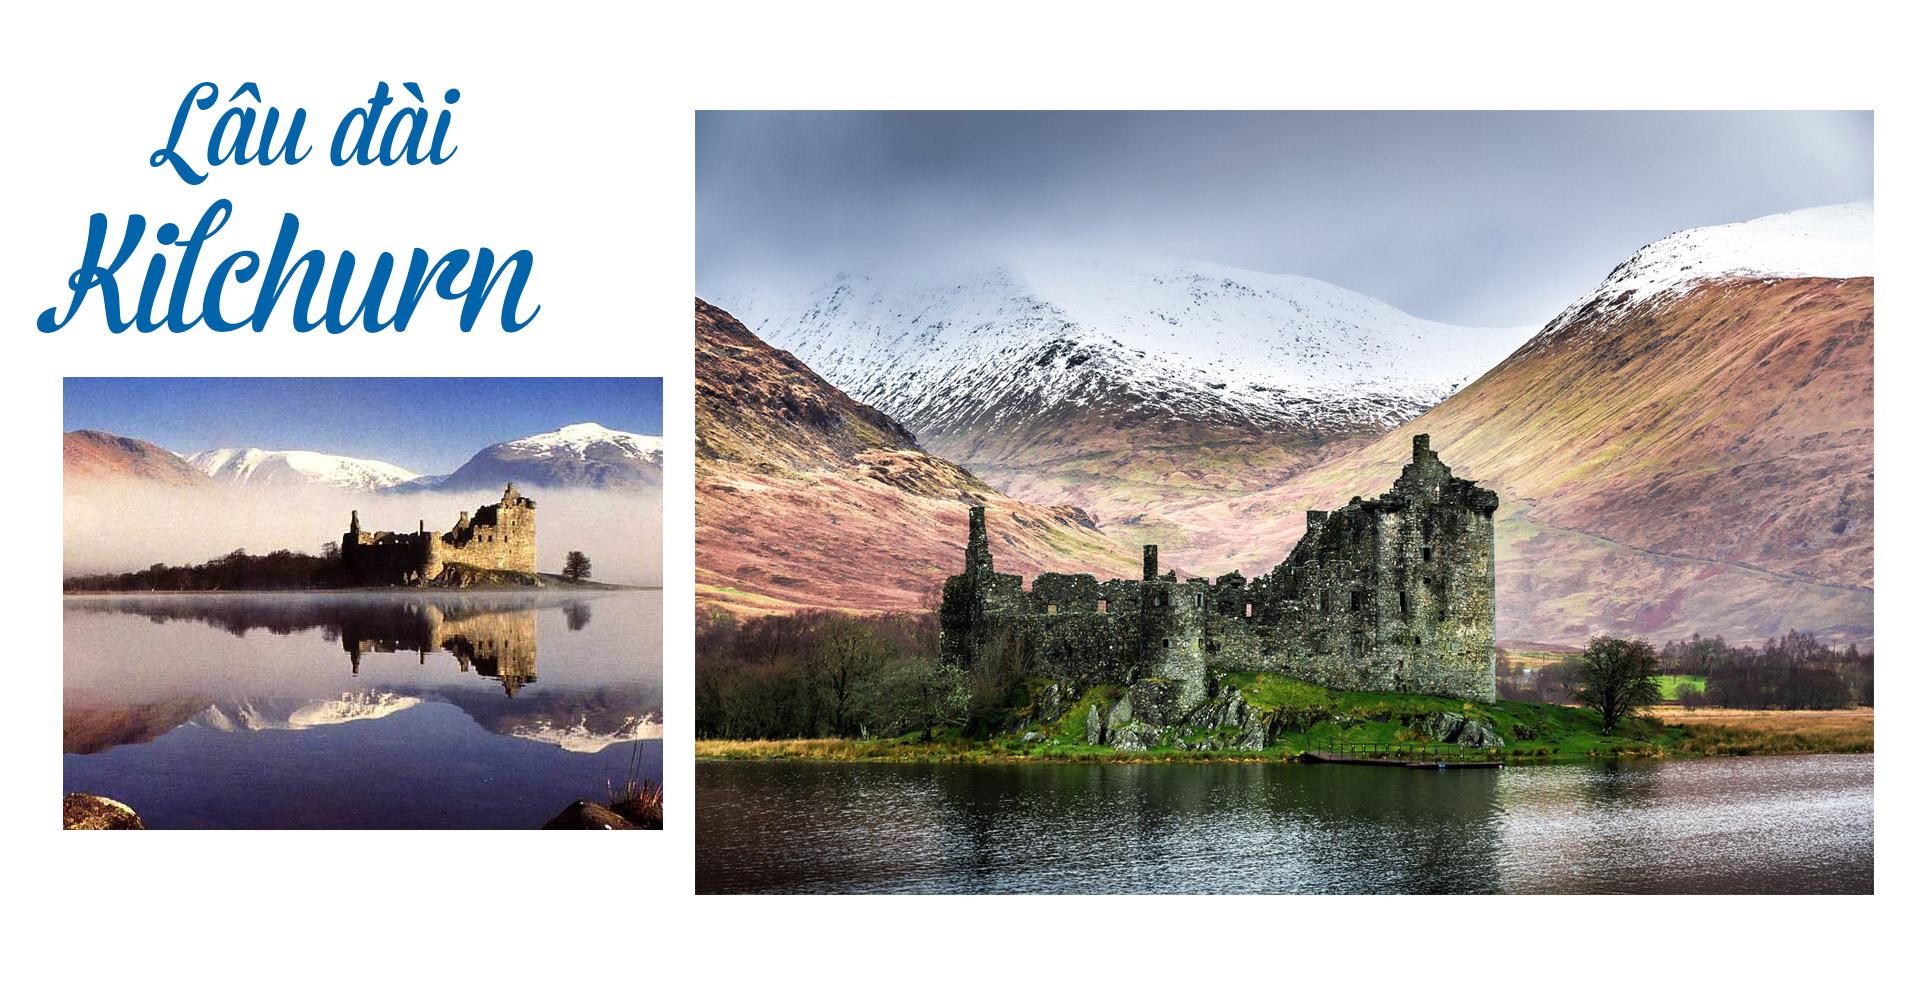 17 lâu đài cổ tích châu Âu đáng đến thăm vào mùa đông - 10